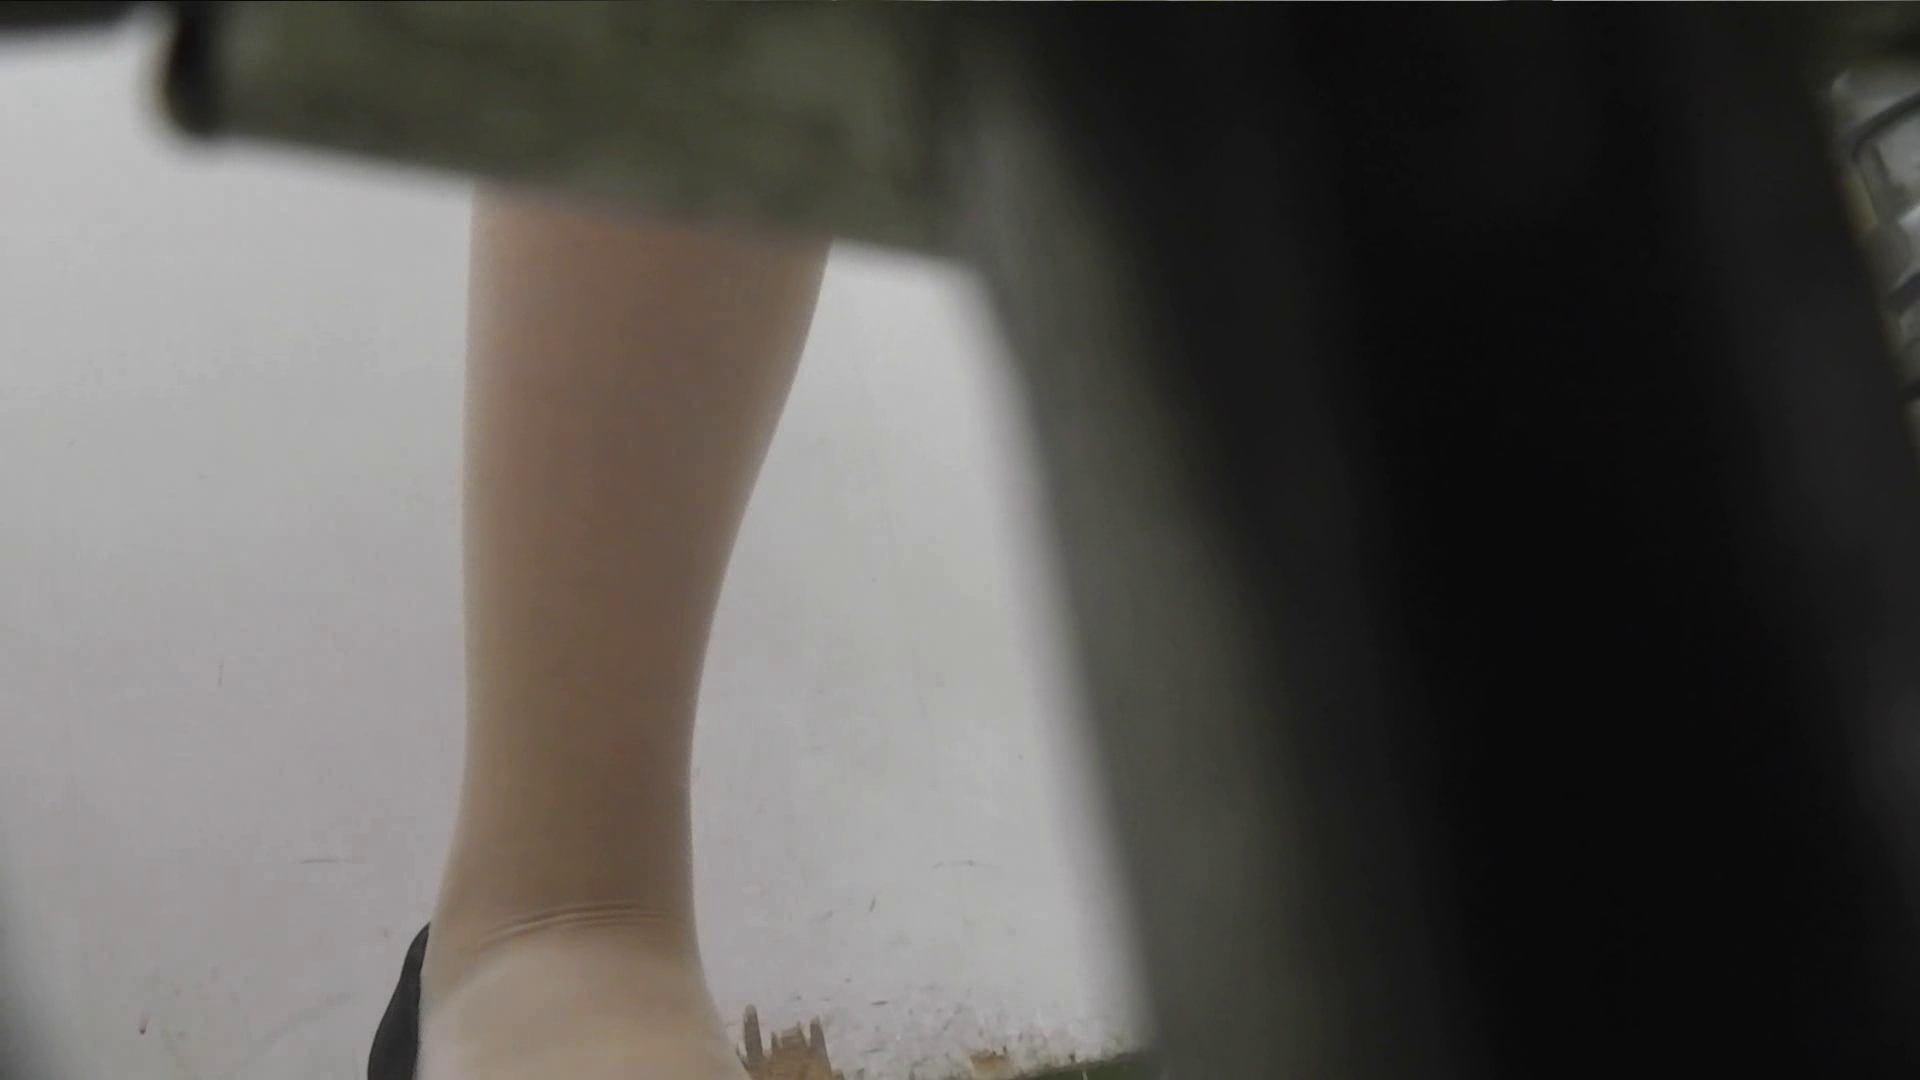 【美しき個室な世界】 vol.022 ヒクヒクさんたち 洗面所  68pic 12